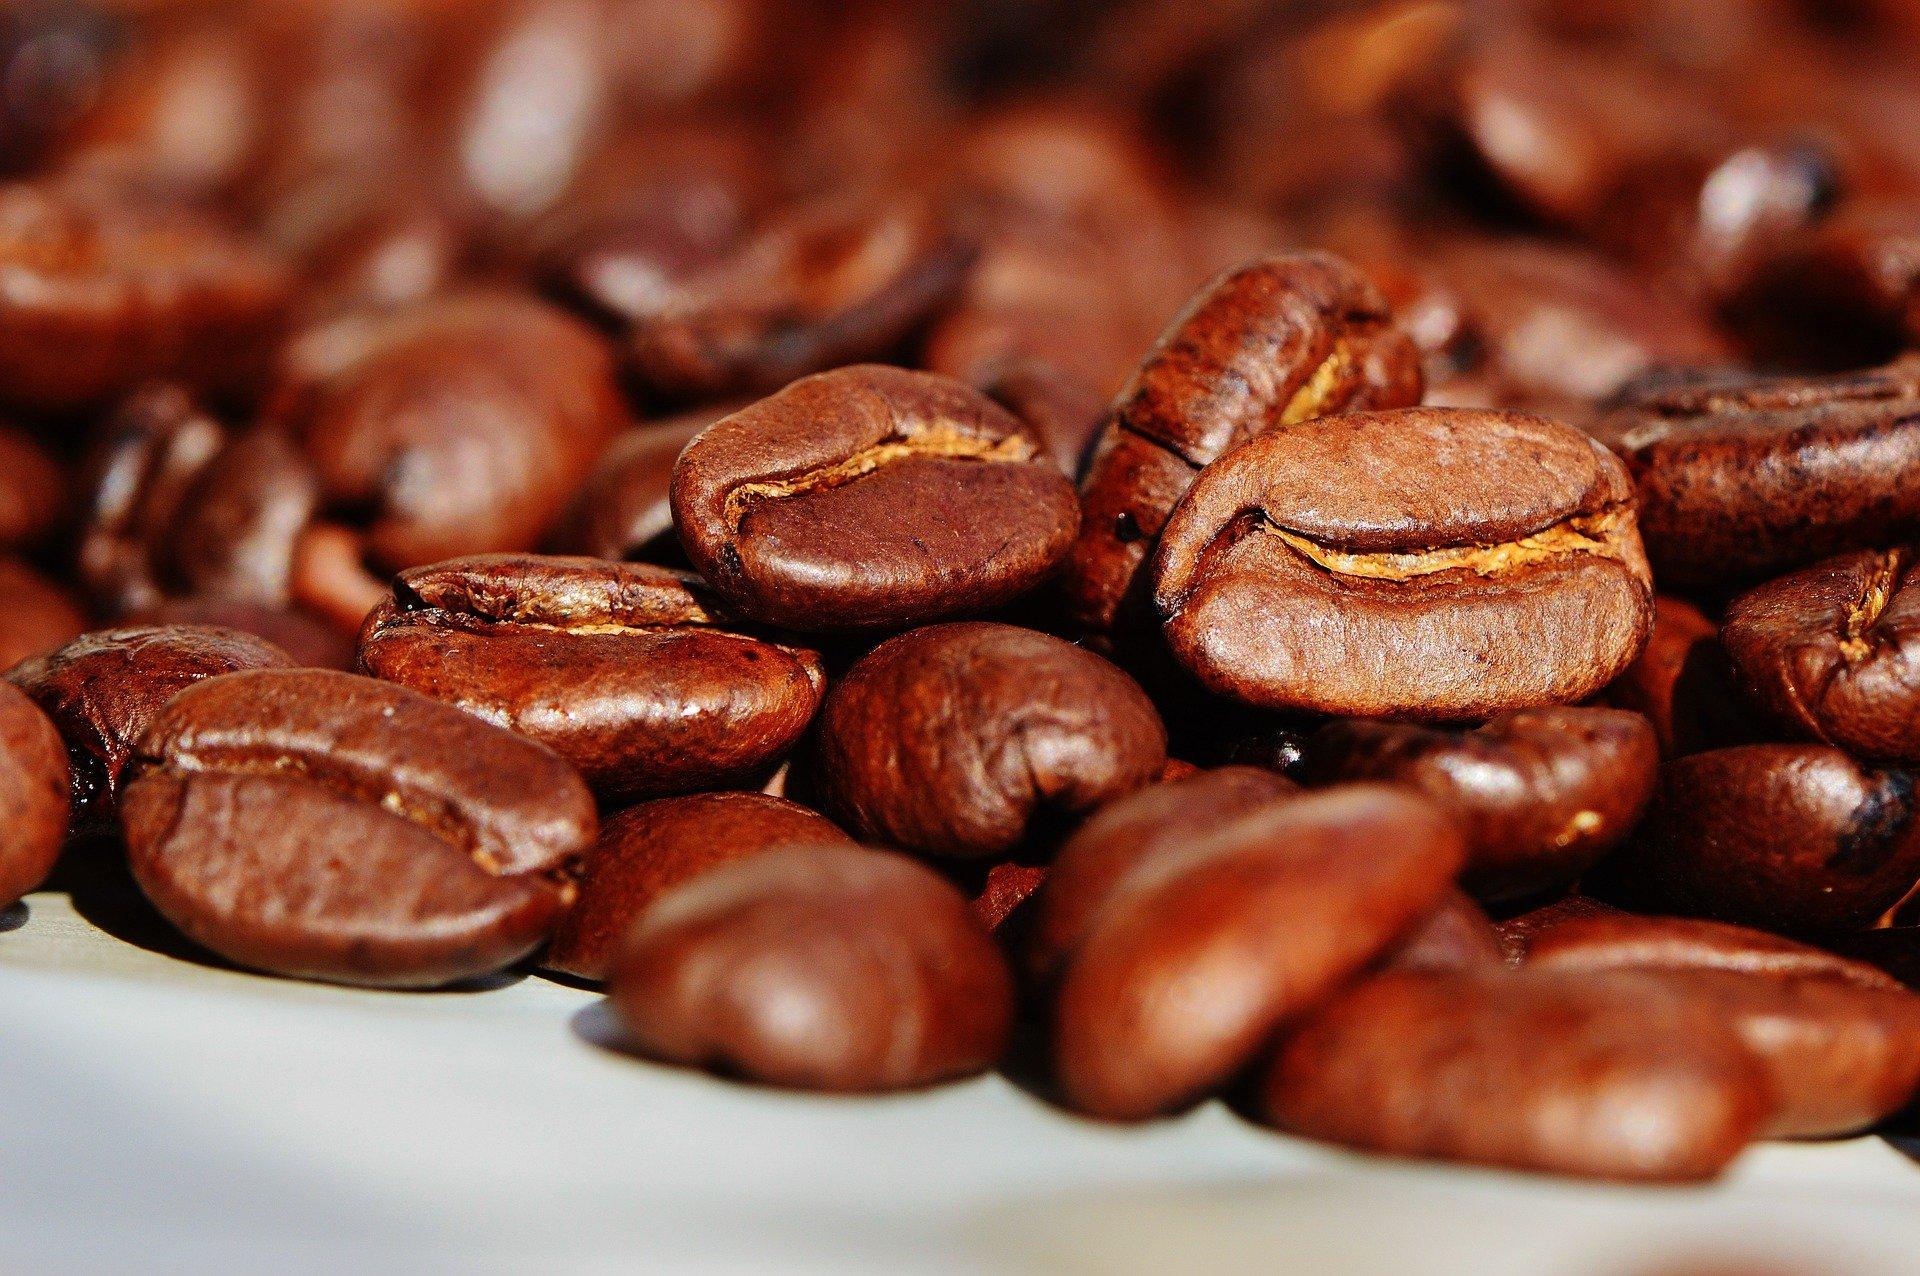 Café décaféiné : une alternative intéressante